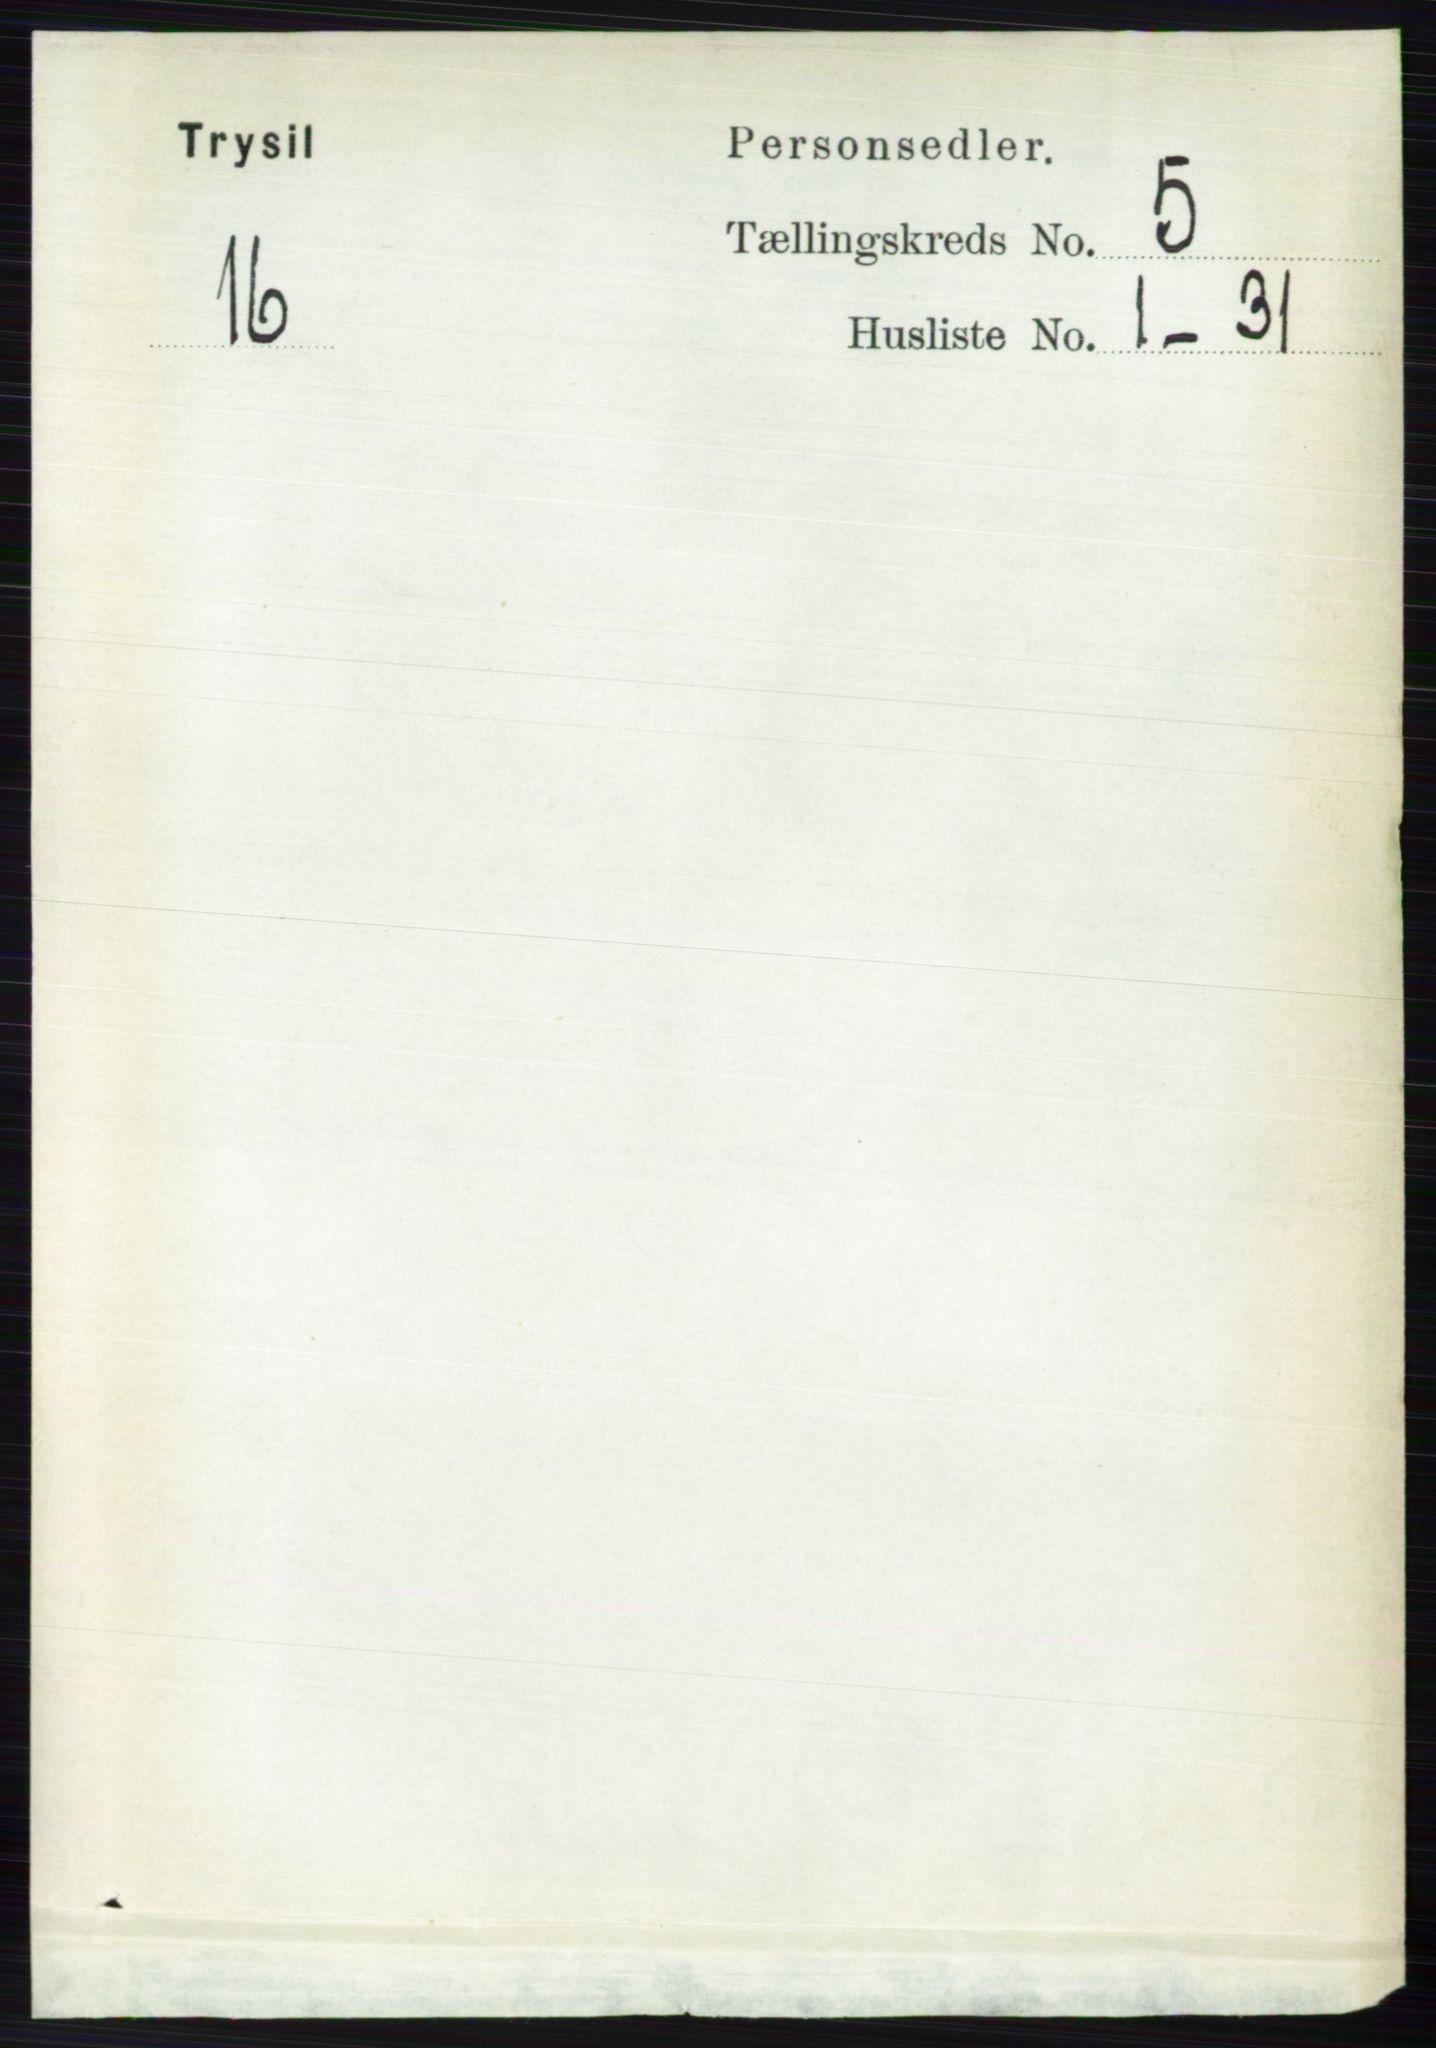 RA, Folketelling 1891 for 0428 Trysil herred, 1891, s. 2300